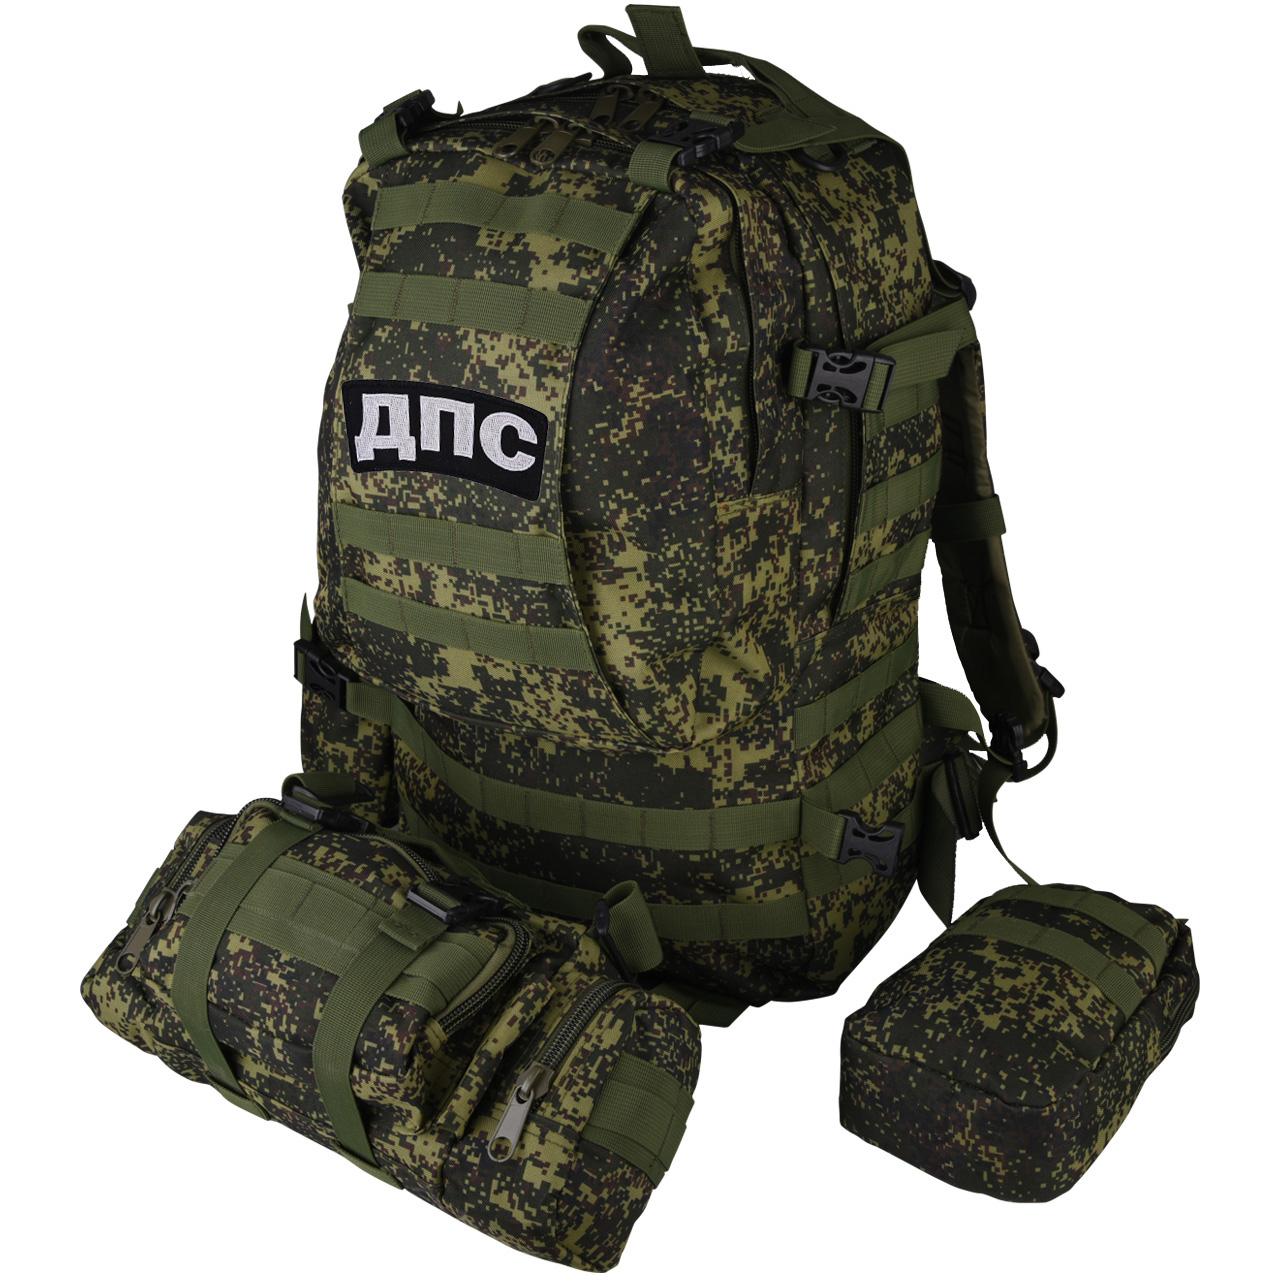 Рейдовый военный рюкзак с нашивкой ДПС - заказать выгодно